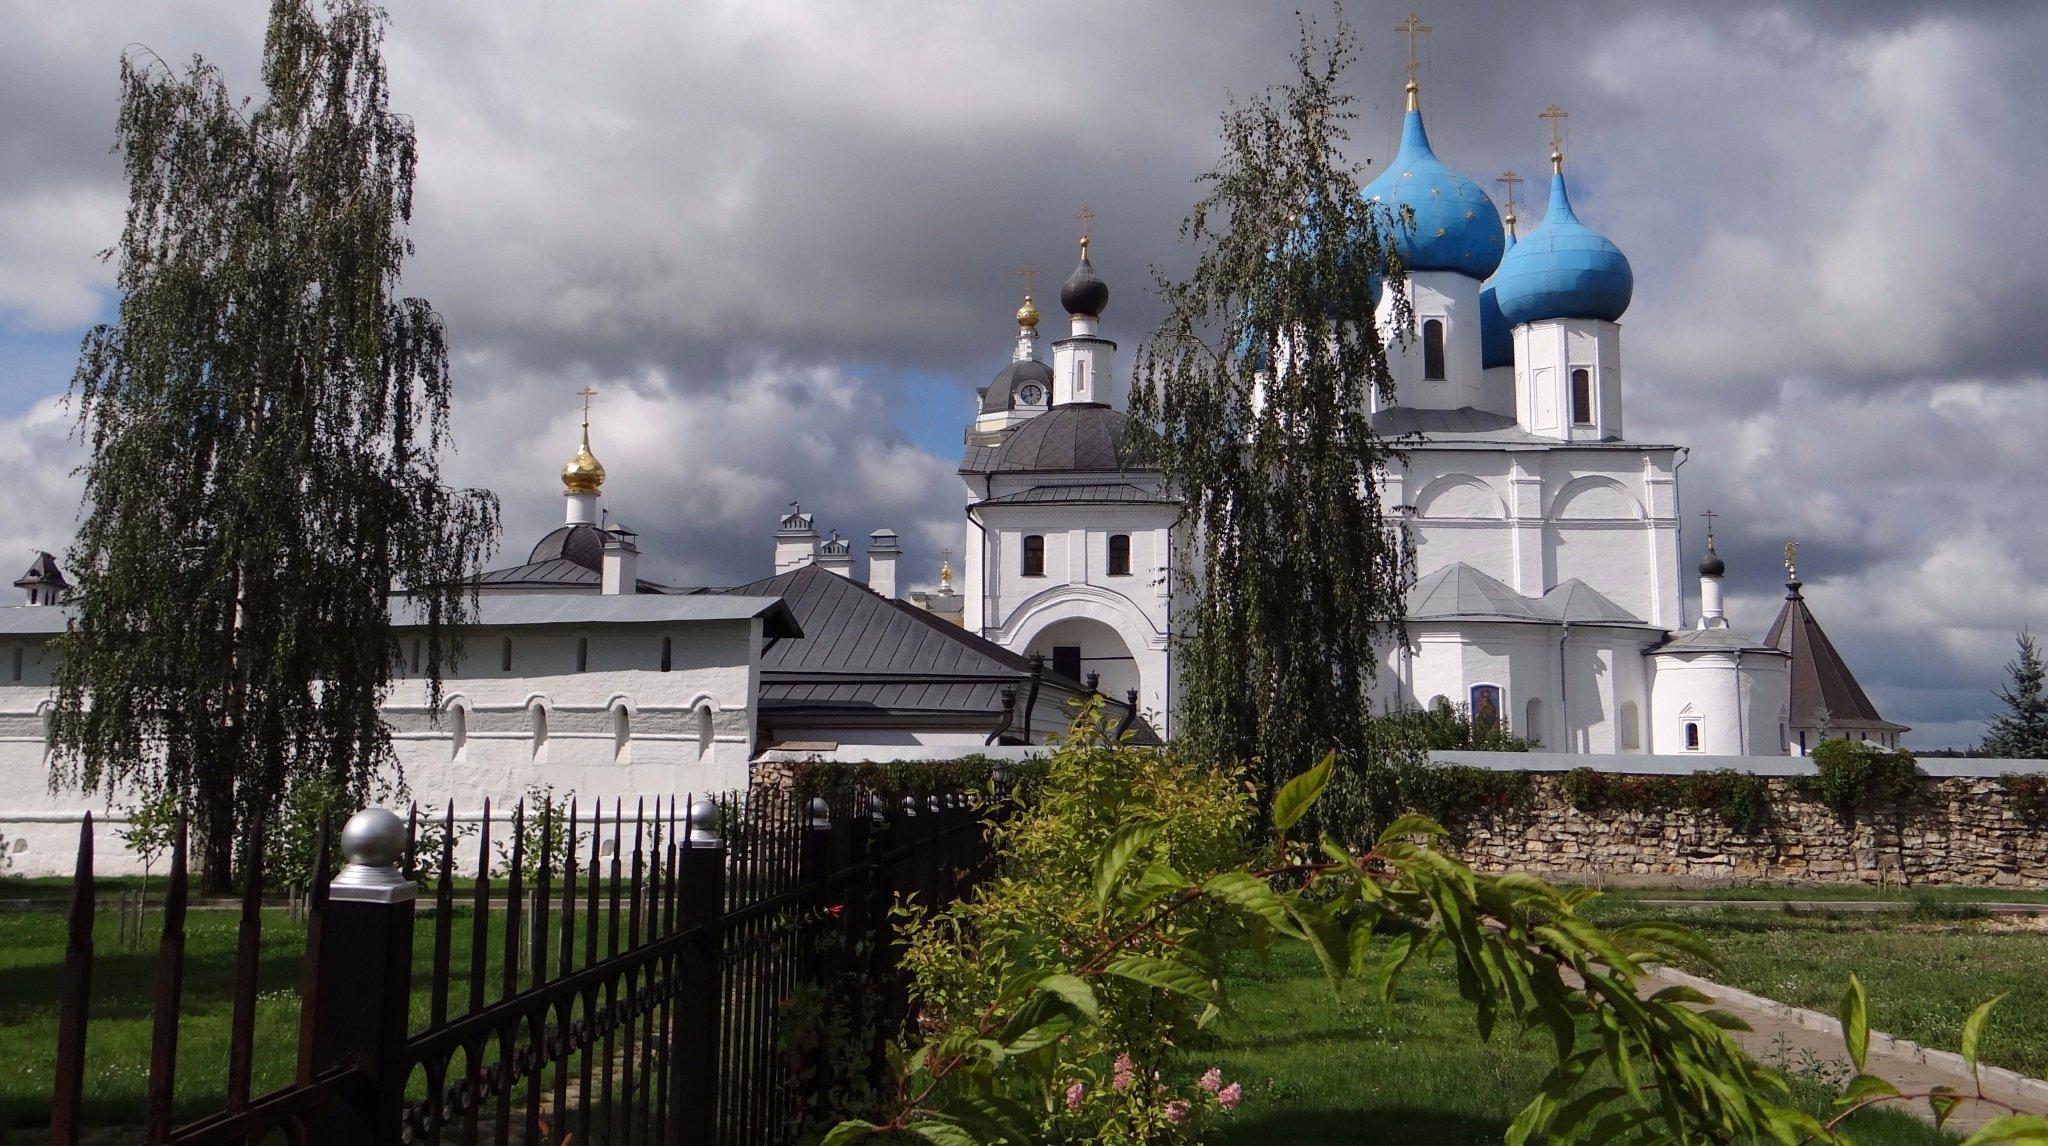 клееного бруса высоцкий монастырь серпухов фото говорят